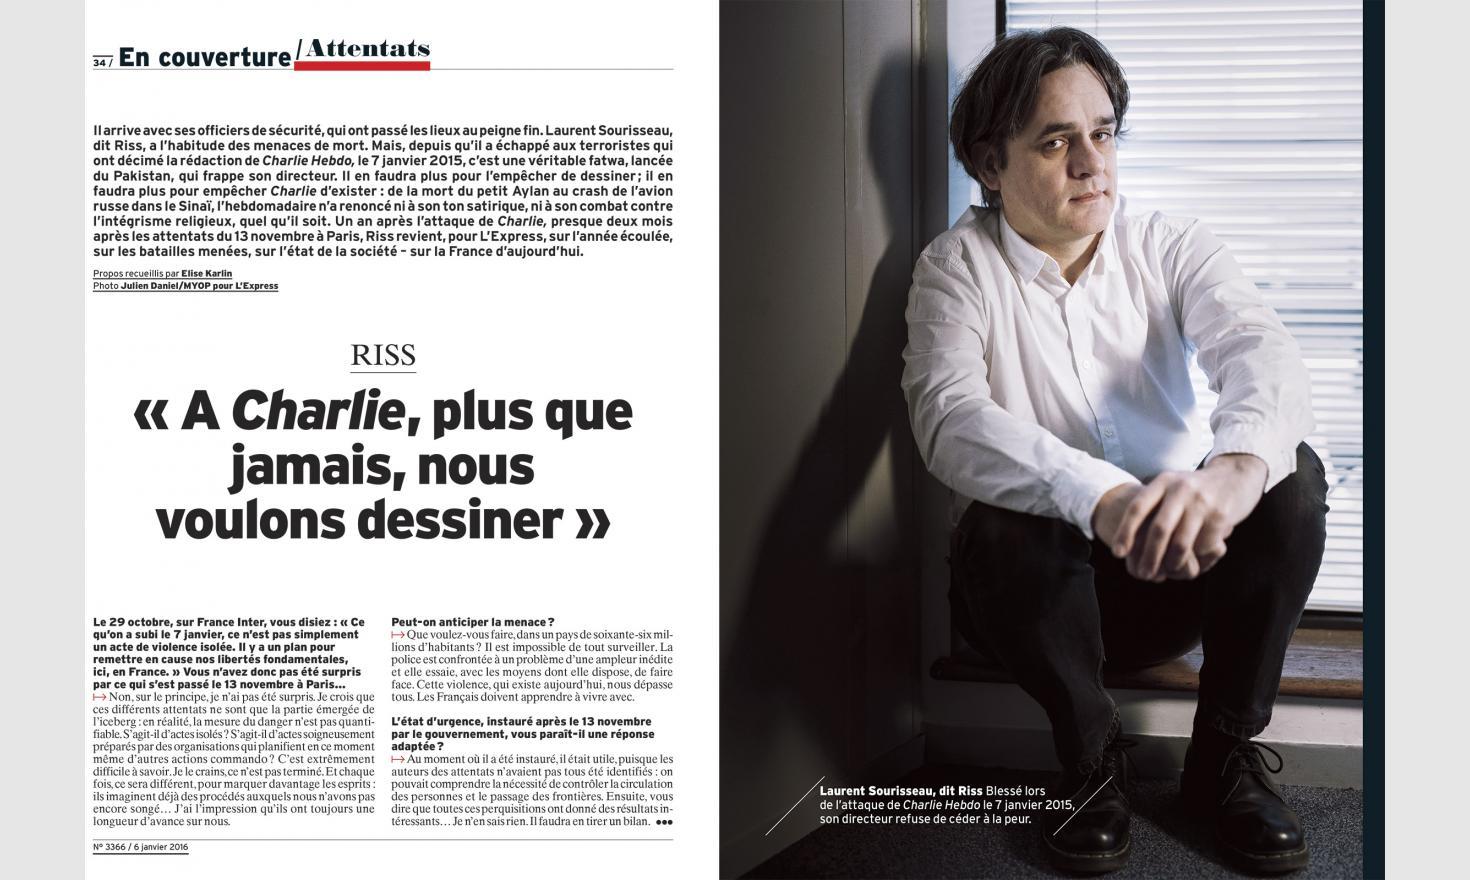 Le dessinateur Riss de Charlie Hebdo